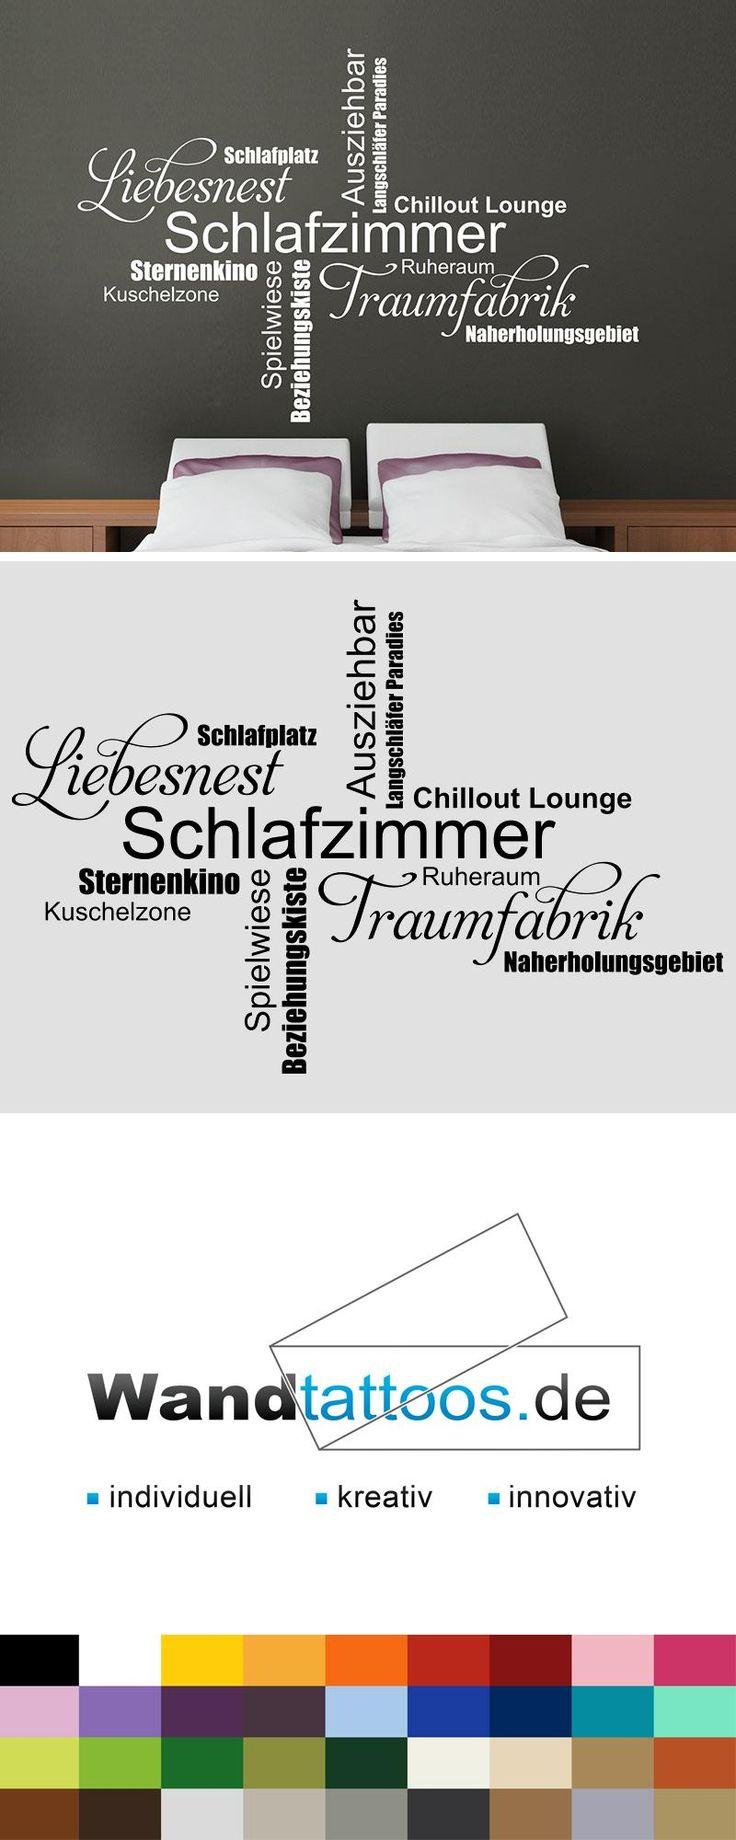 https://s-media-cache-ak0.pinimg.com/736x/0d/15/dc/0d15dc08e5e1d21ddd70a06848395ef5.jpg - Wohnideen Fr Schlafzimmer Mit Wandtattoo